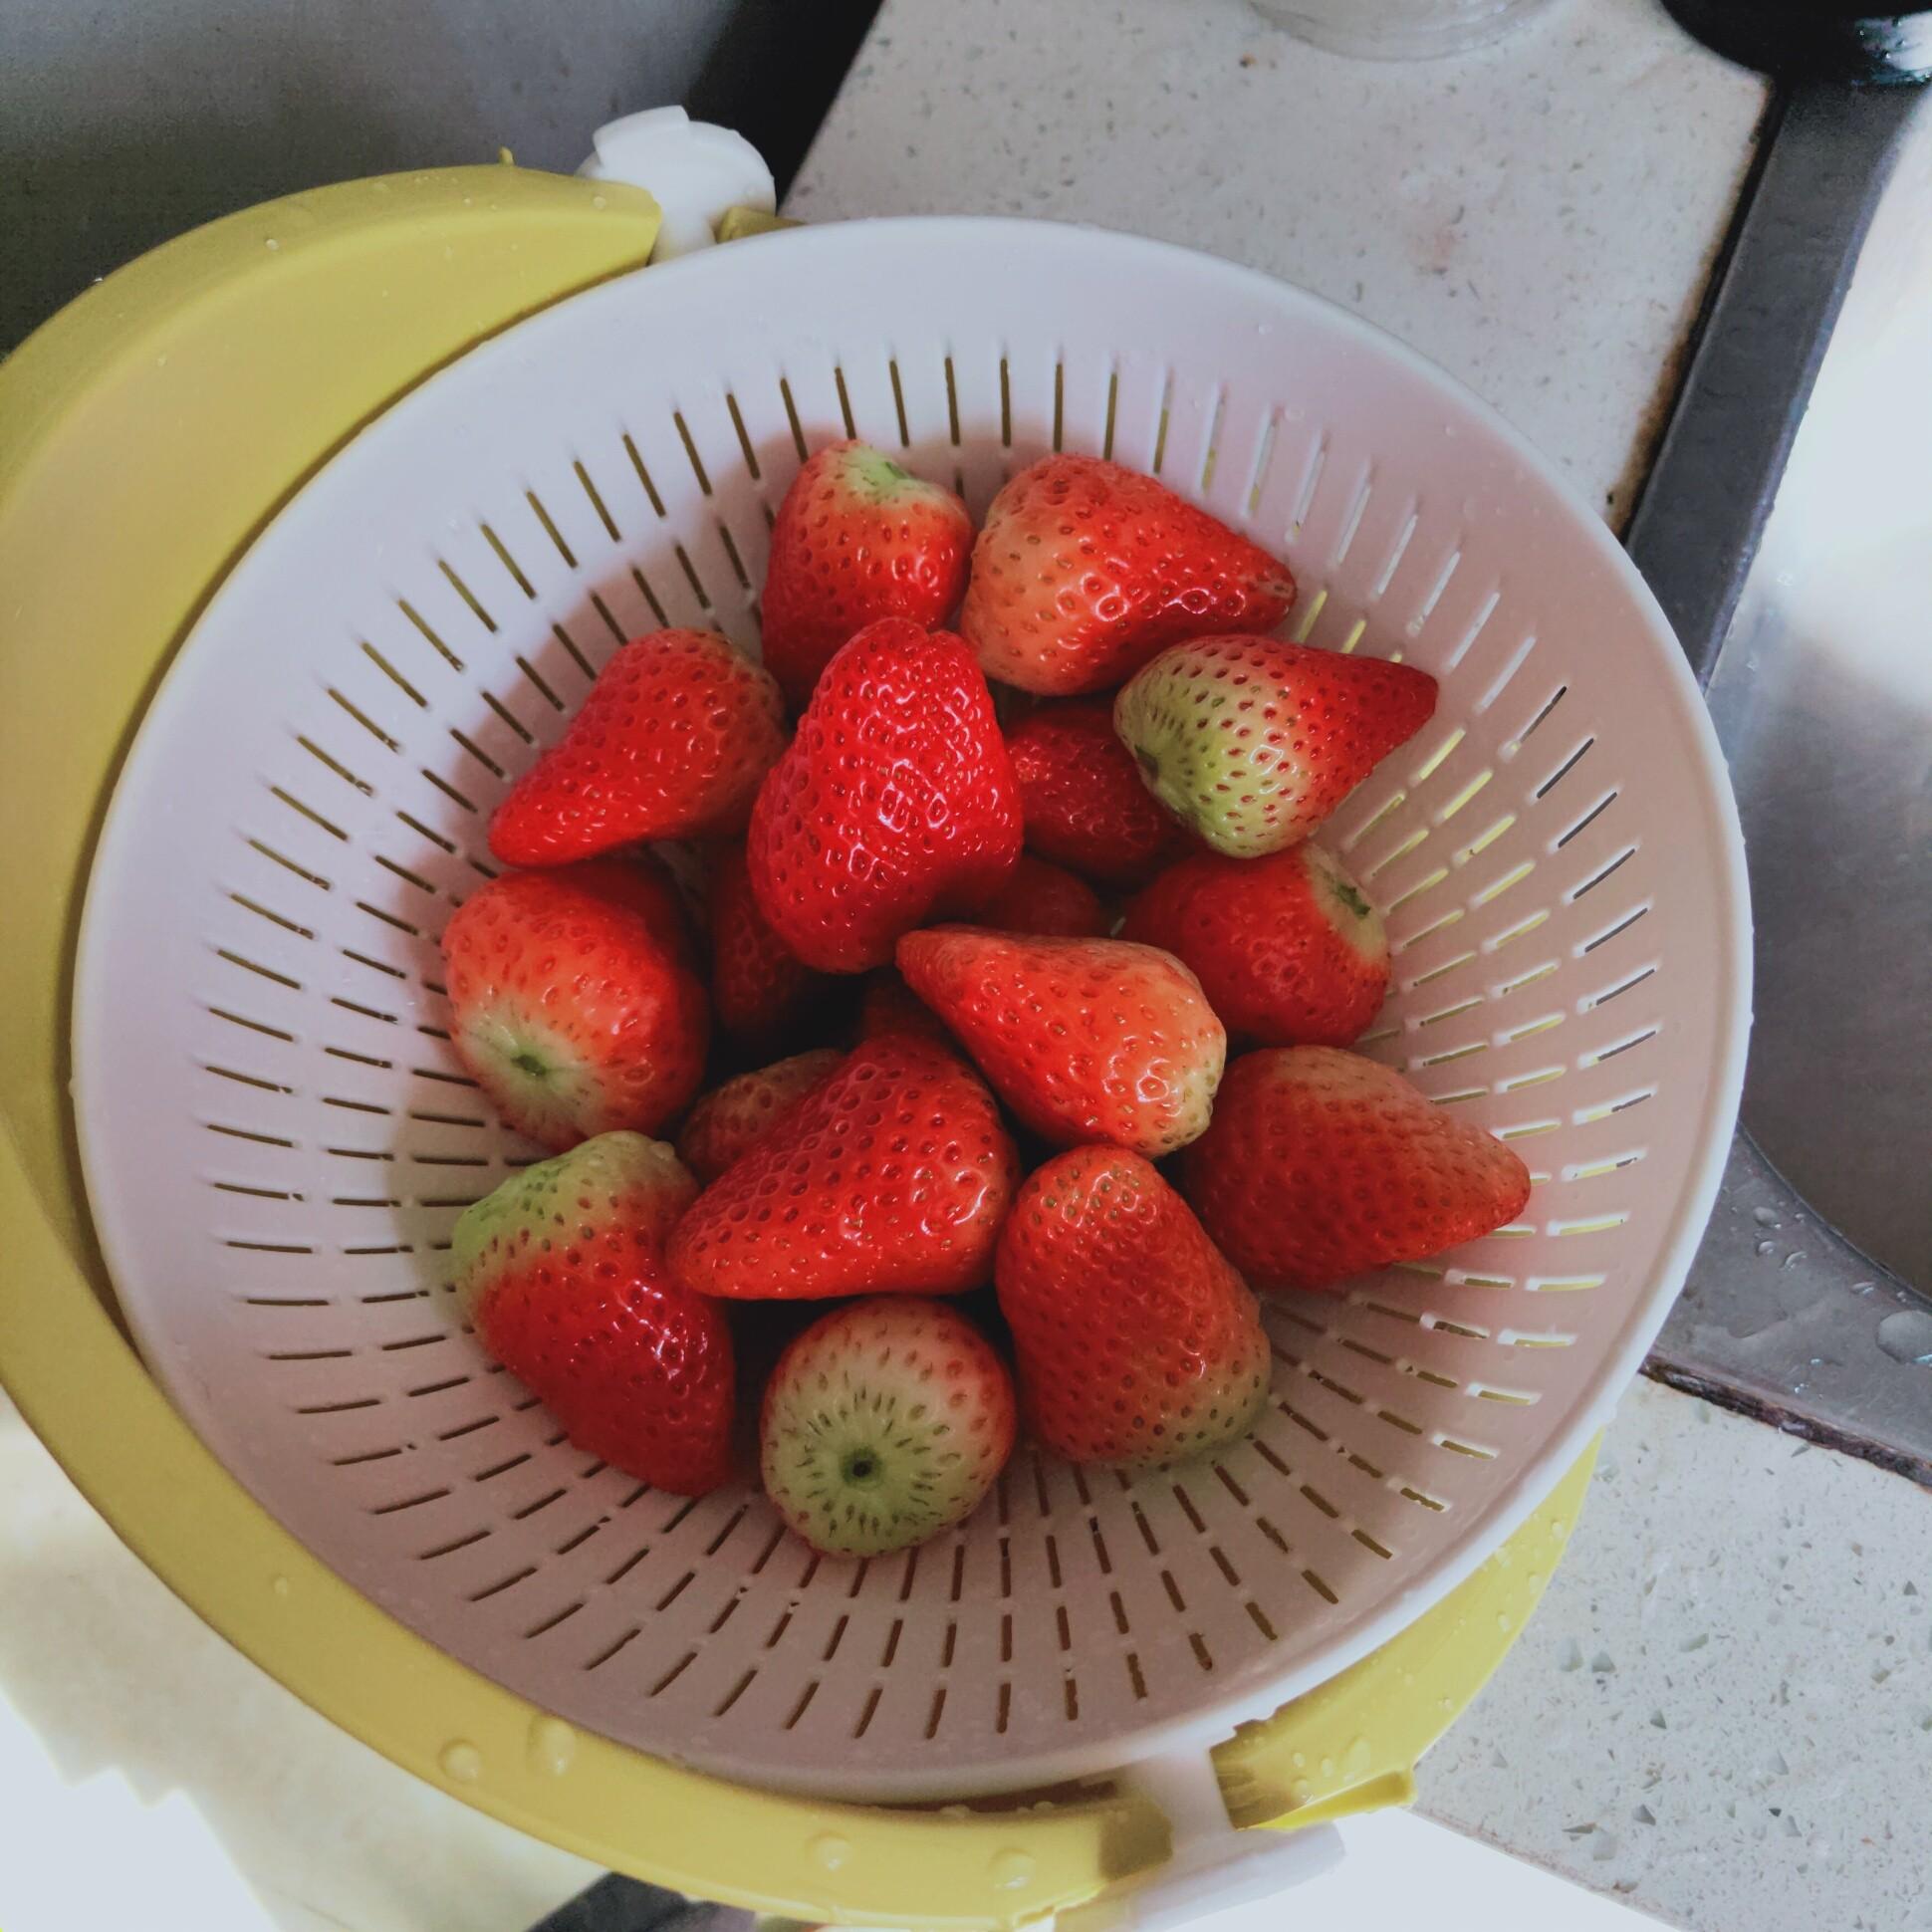 抖音同款:蔬菜水果沥水盆-2